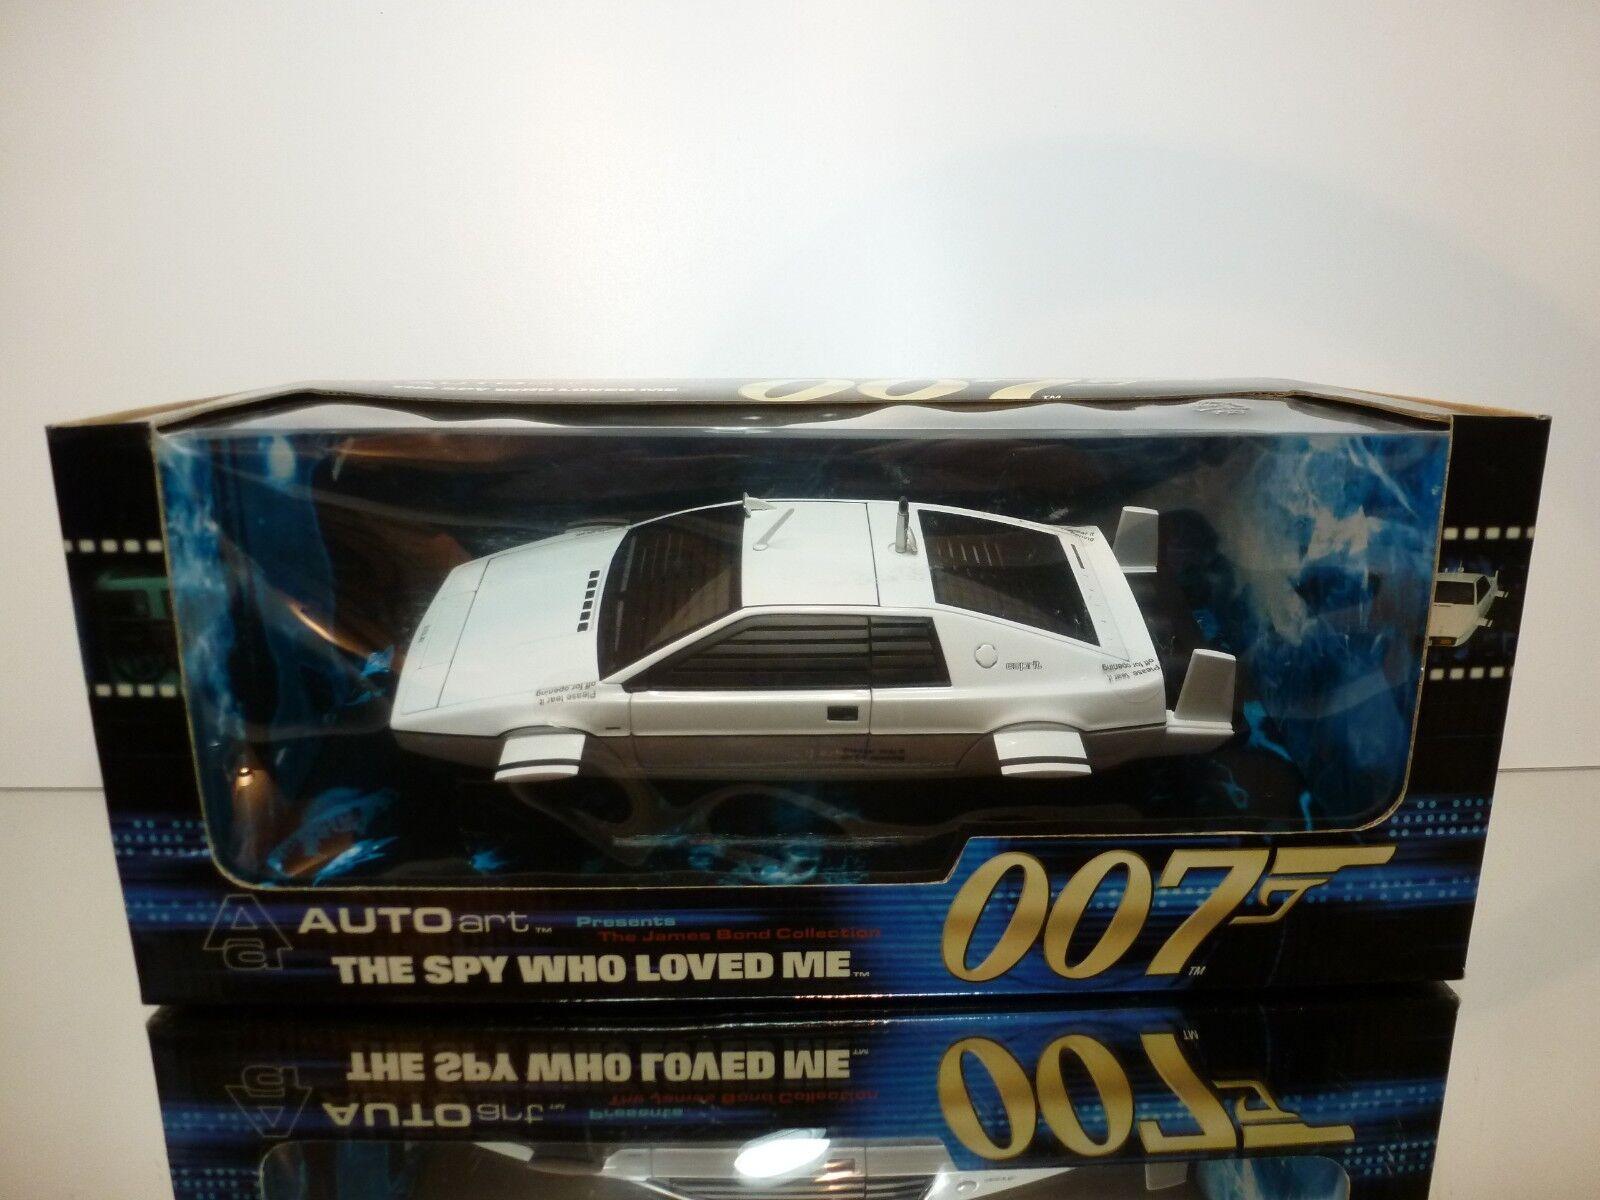 AUTOART 75306 LOTUS ESPRIT 1979 SUBMARINE 007 JAMES BOND 1 18 - EXCELLENT IN BOX